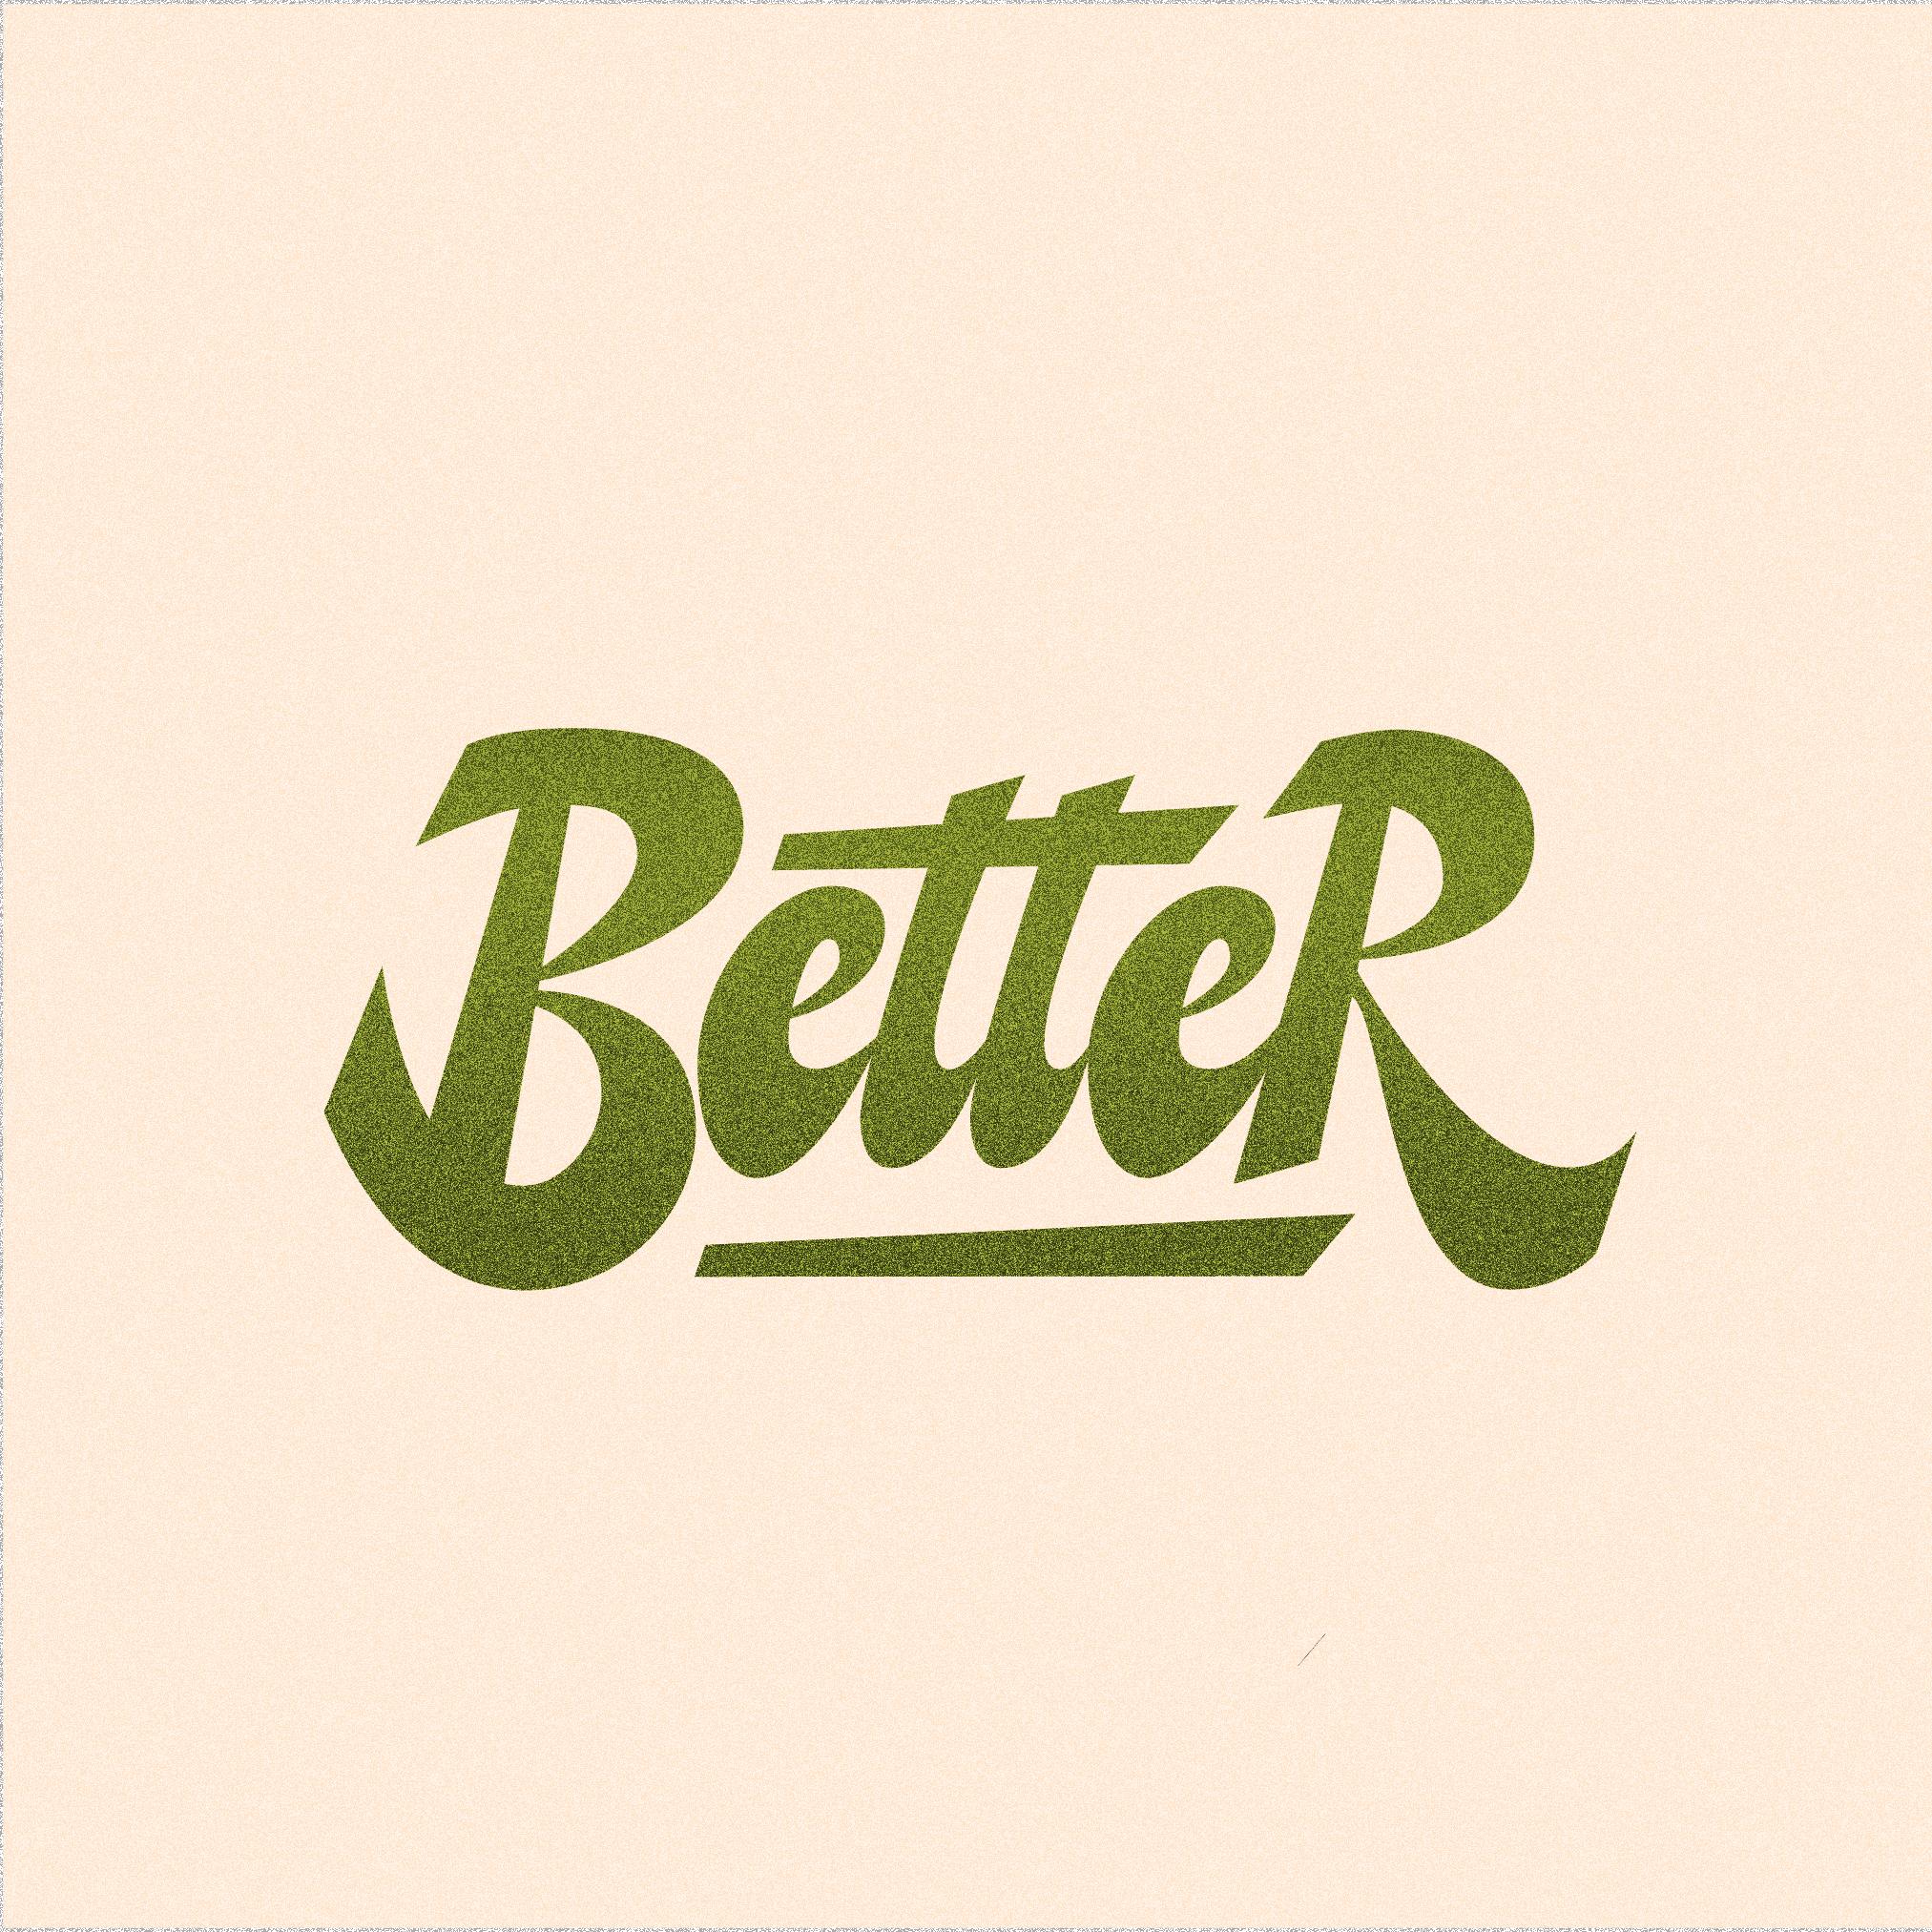 04_IWantedToBeBetter-03